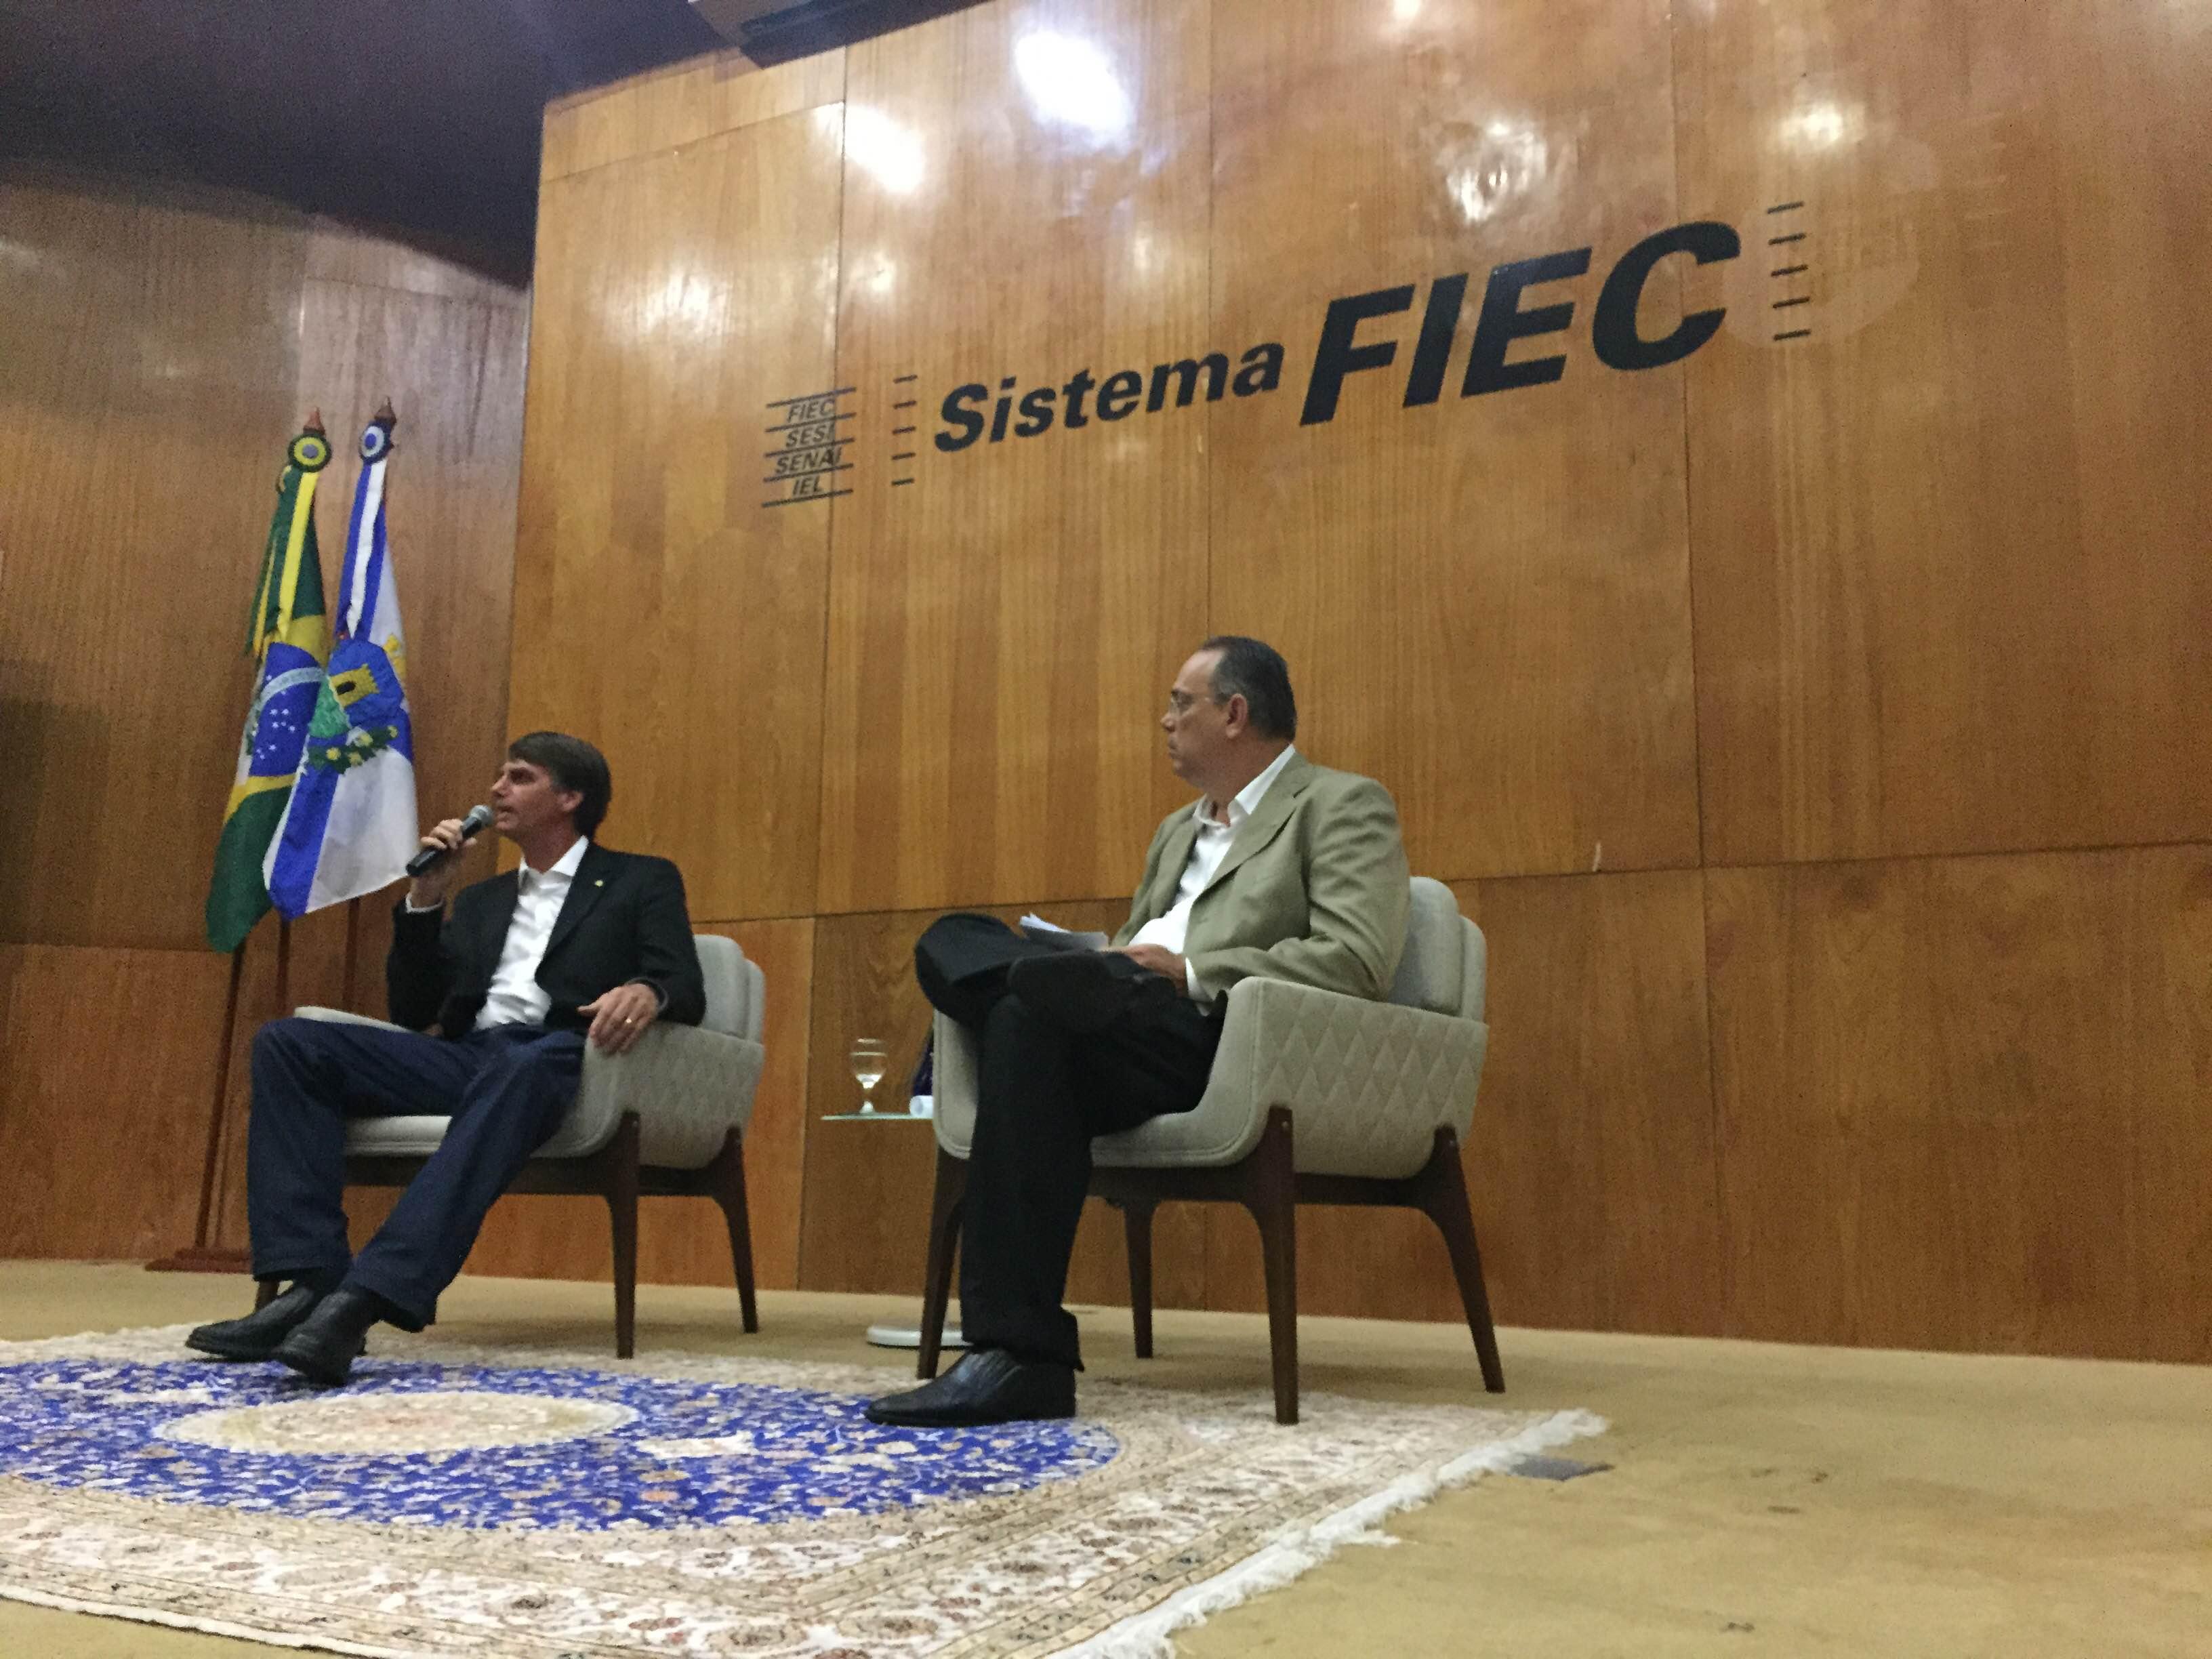 Bolsonaro falou durante 30 minutos com mediação do Presidente do Centro Industrial do Ceará, José Dias de Vasconcelos Filho. (Foto: Juliana Teófilo/ Tribuna do Ceará)